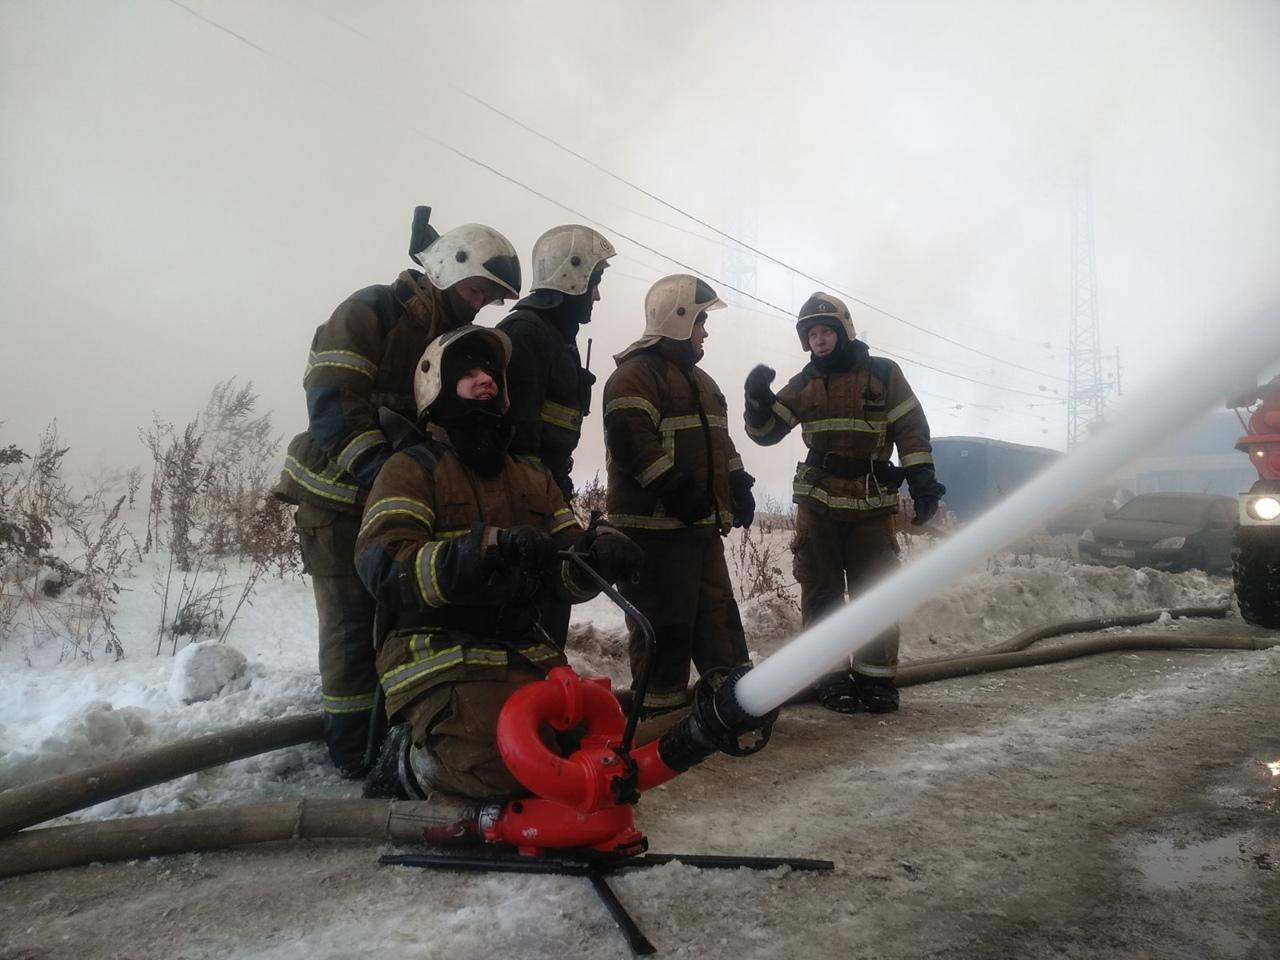 Для тушения пожара используют все силы и средства, в том числе, например, и переносной лафетный ствол